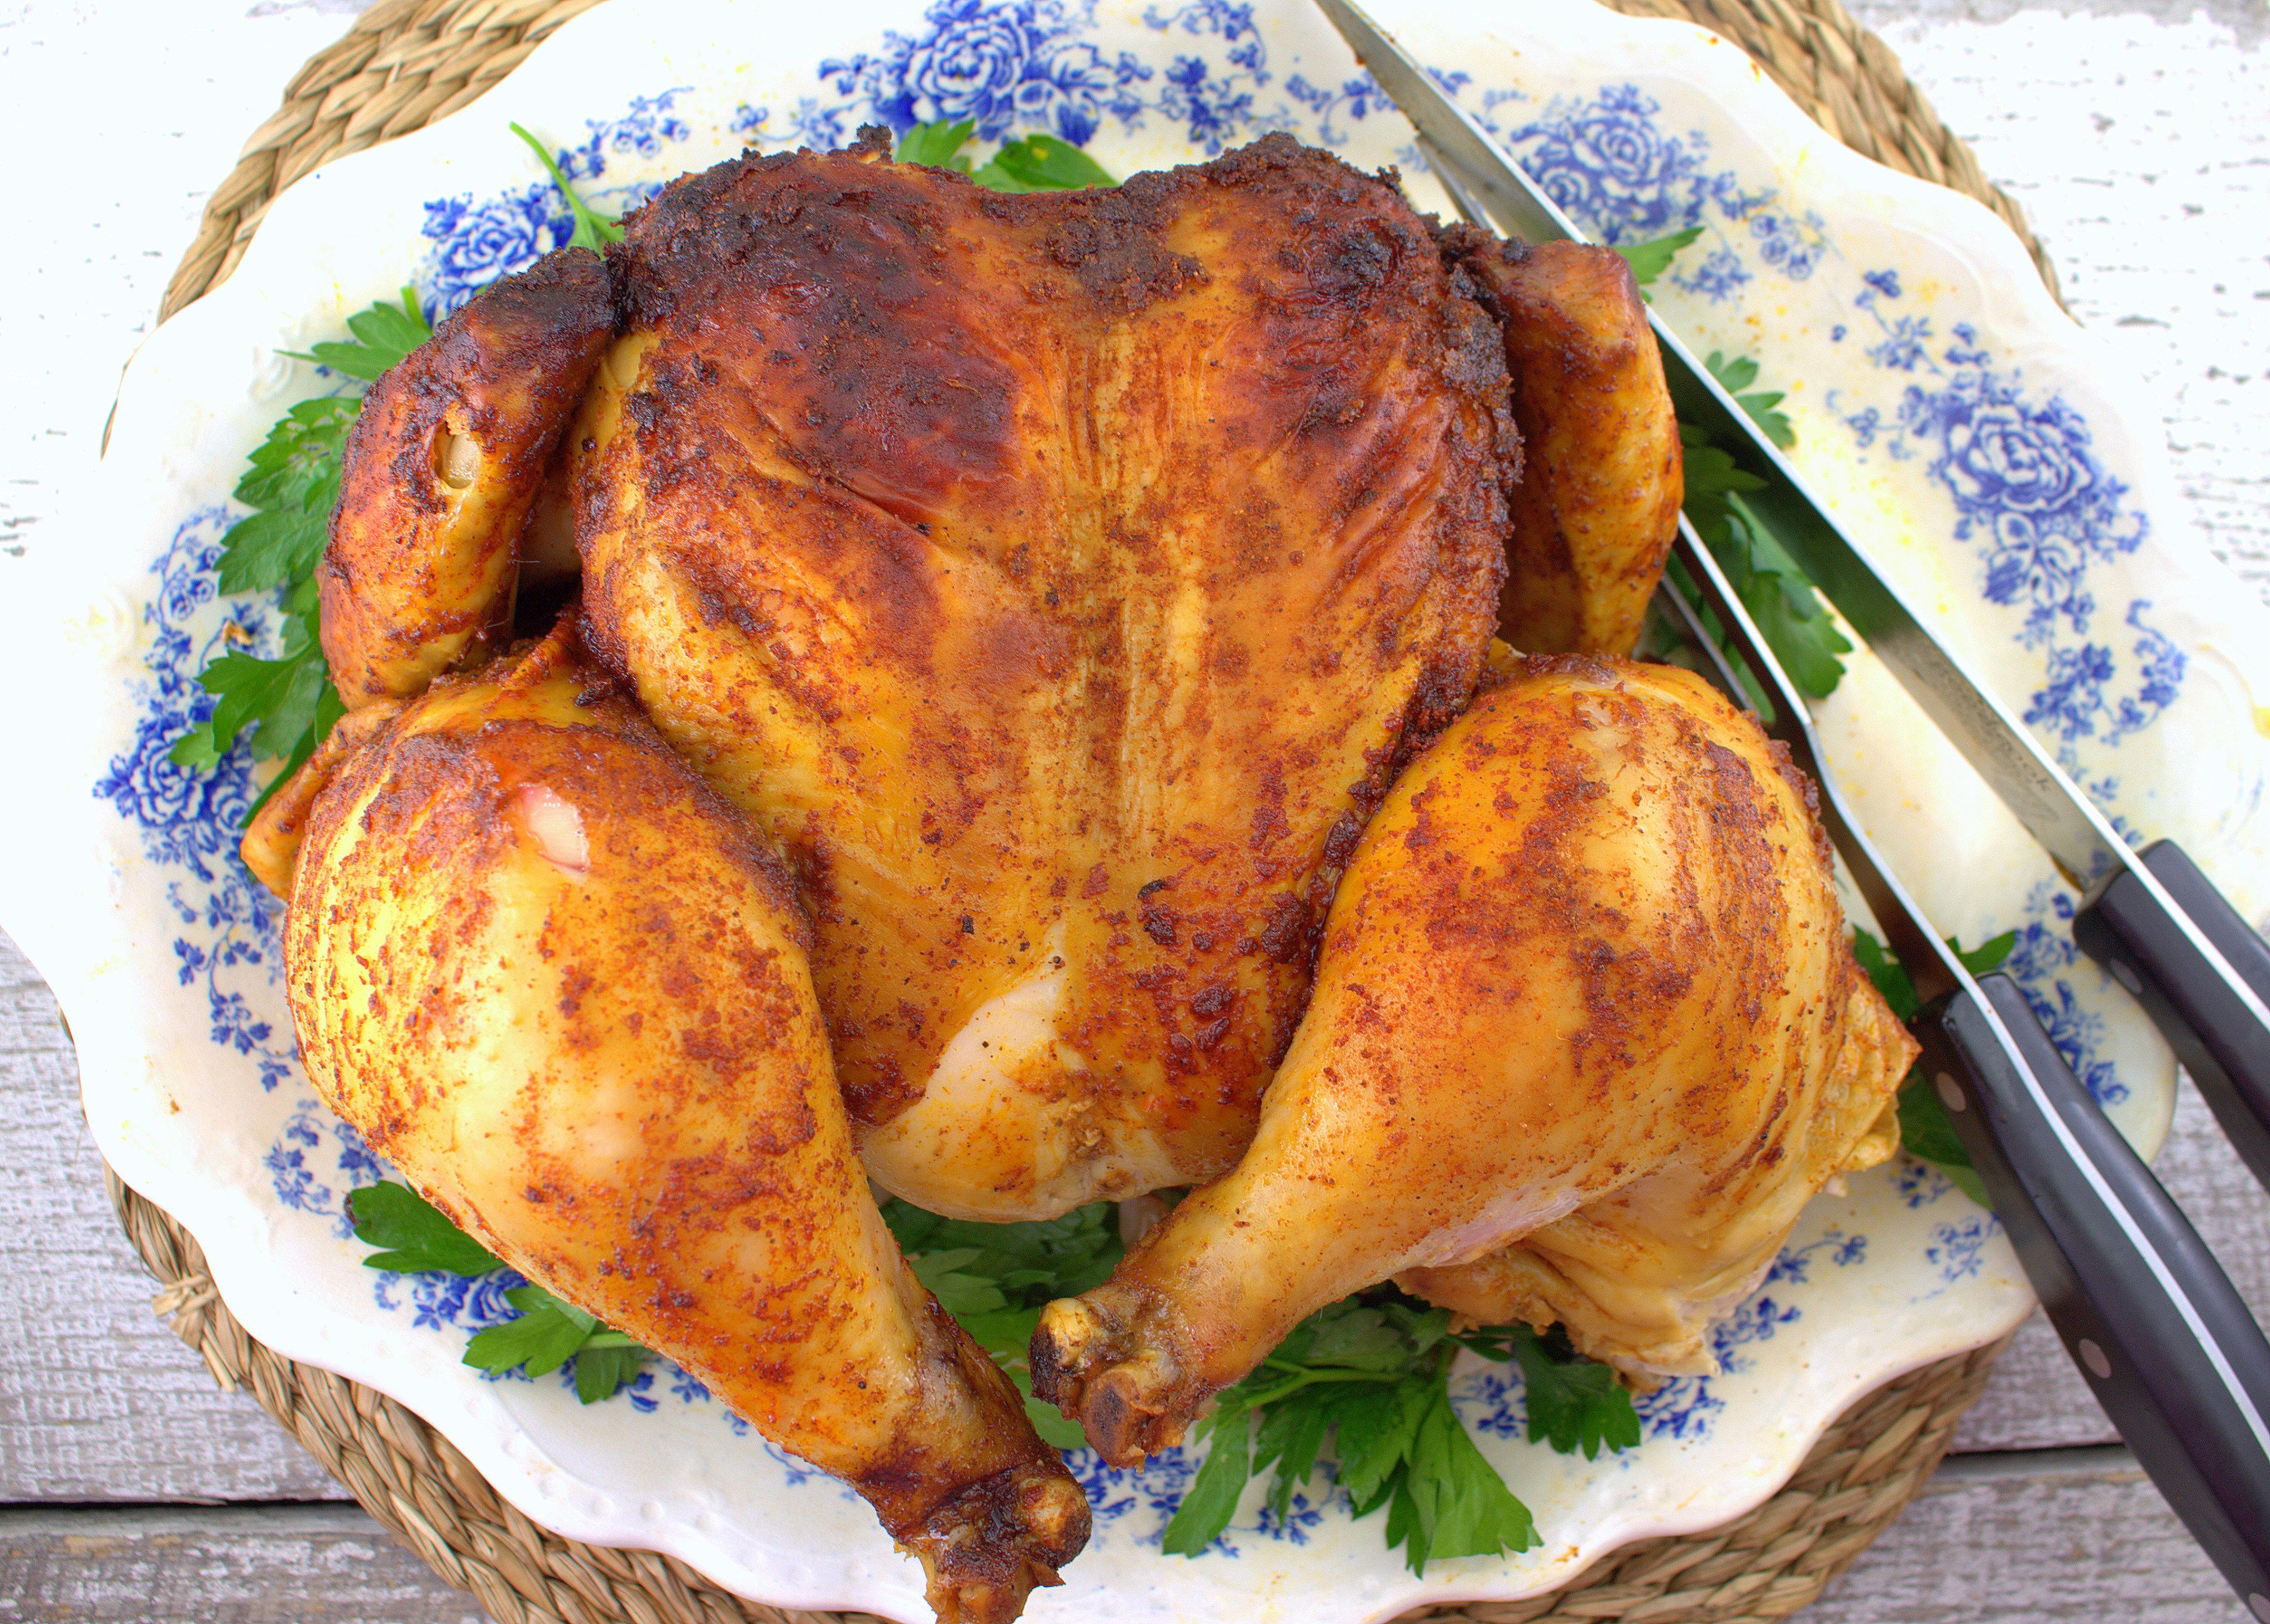 Bundt Pan Rotisserie Chicken Bundtbakers